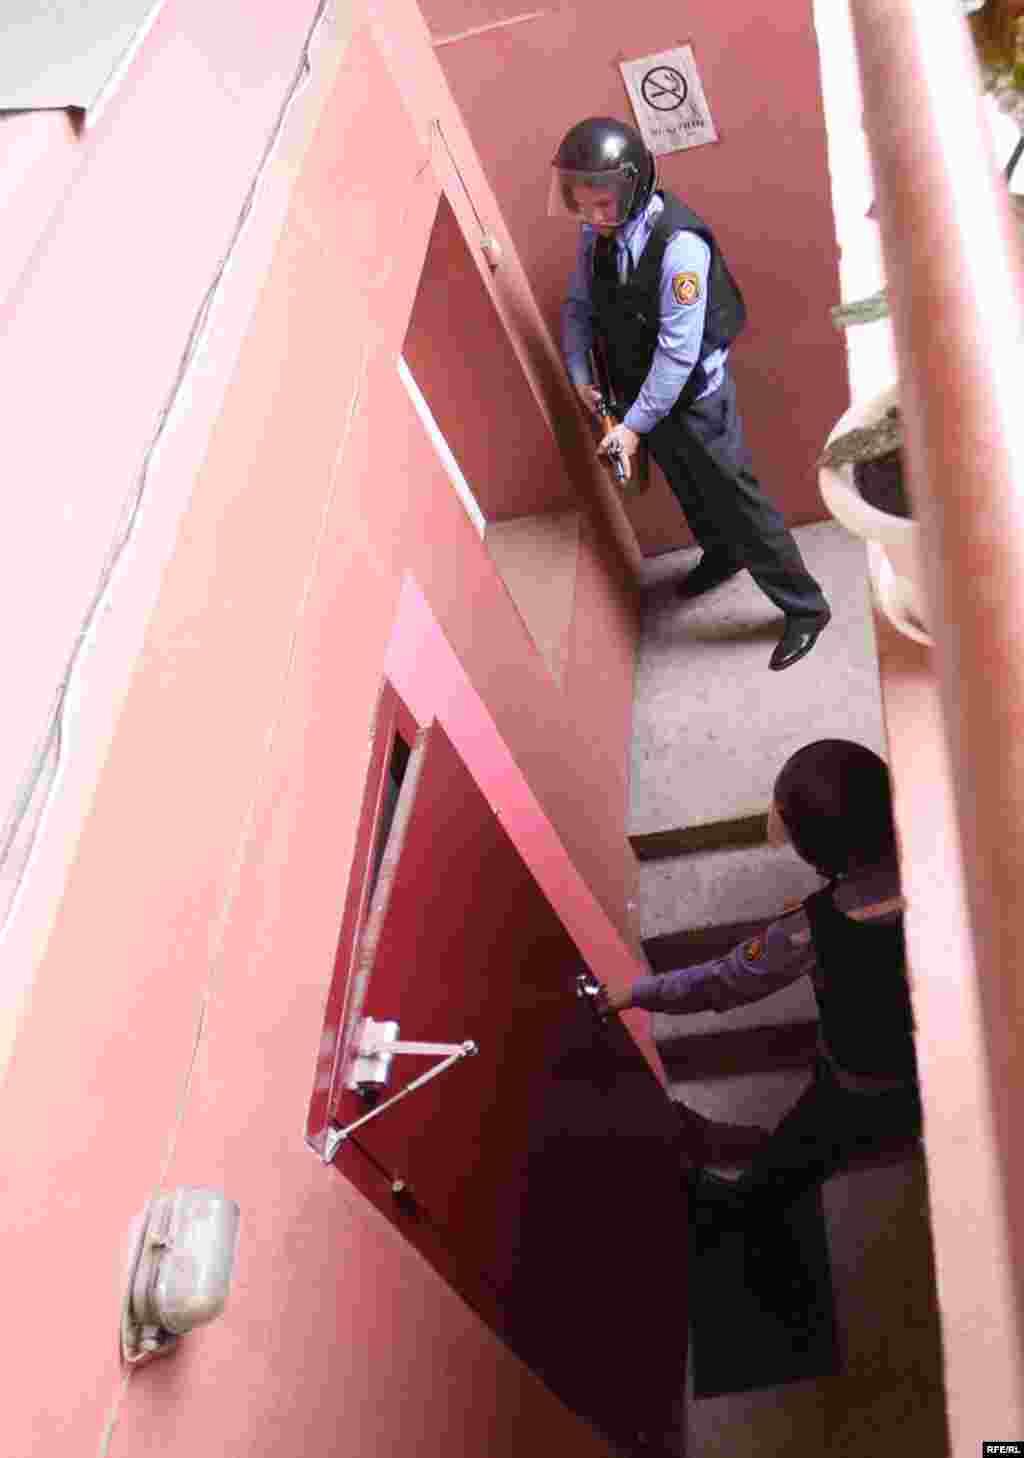 Каб высьветліць, што адбываецца ў офісе (Машэрава 54), на месца прыехалі супрацоўнікі дэпартамэнту аховы.